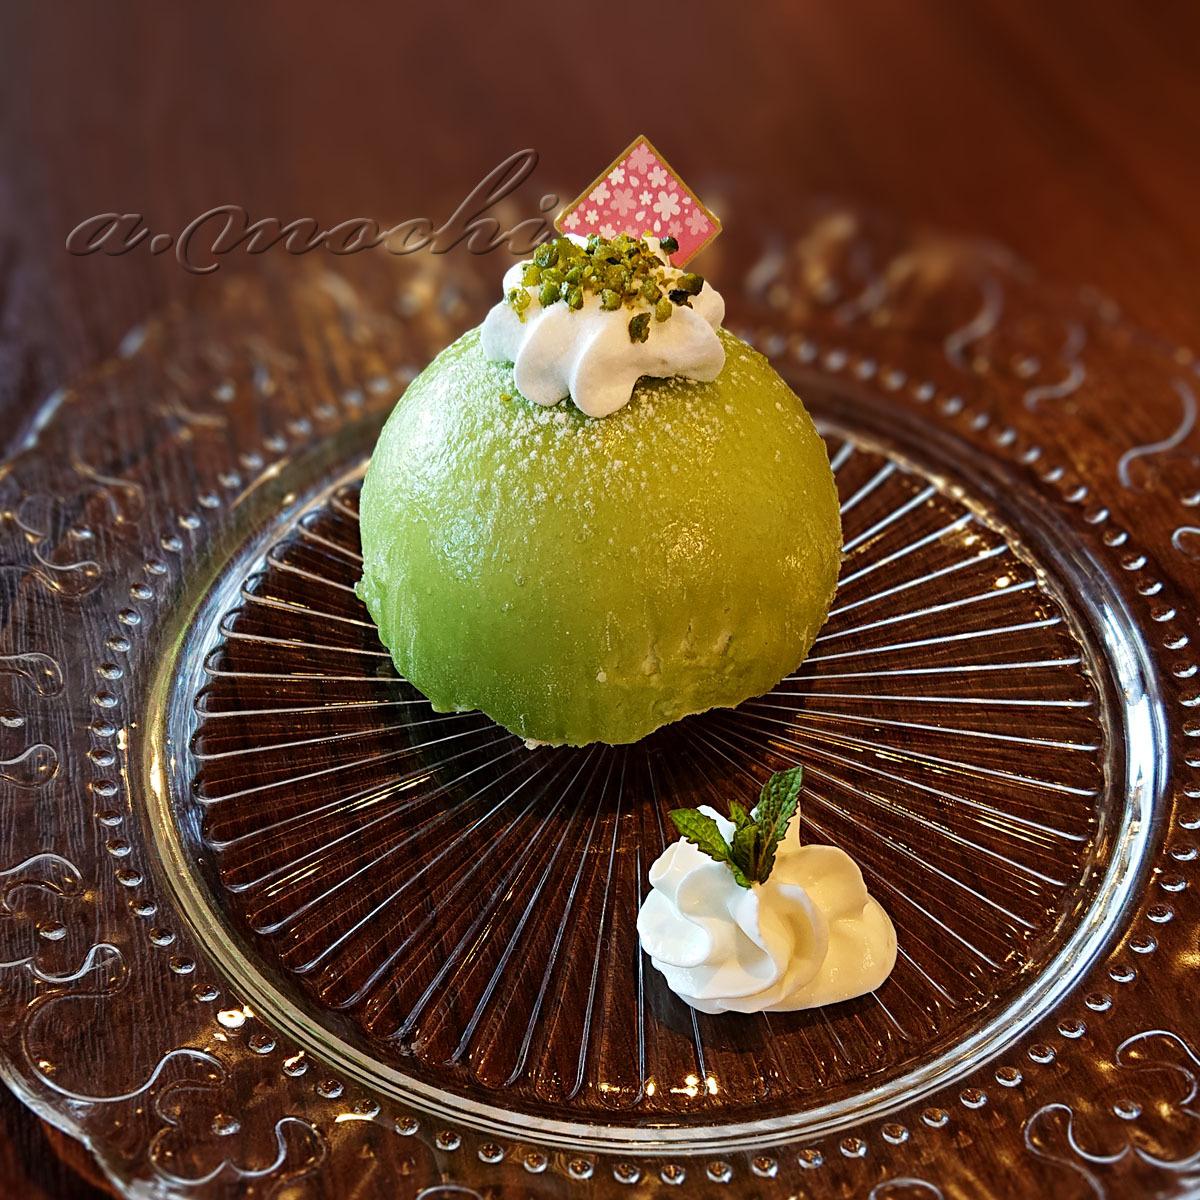 1_iwakiri_dessert.jpg